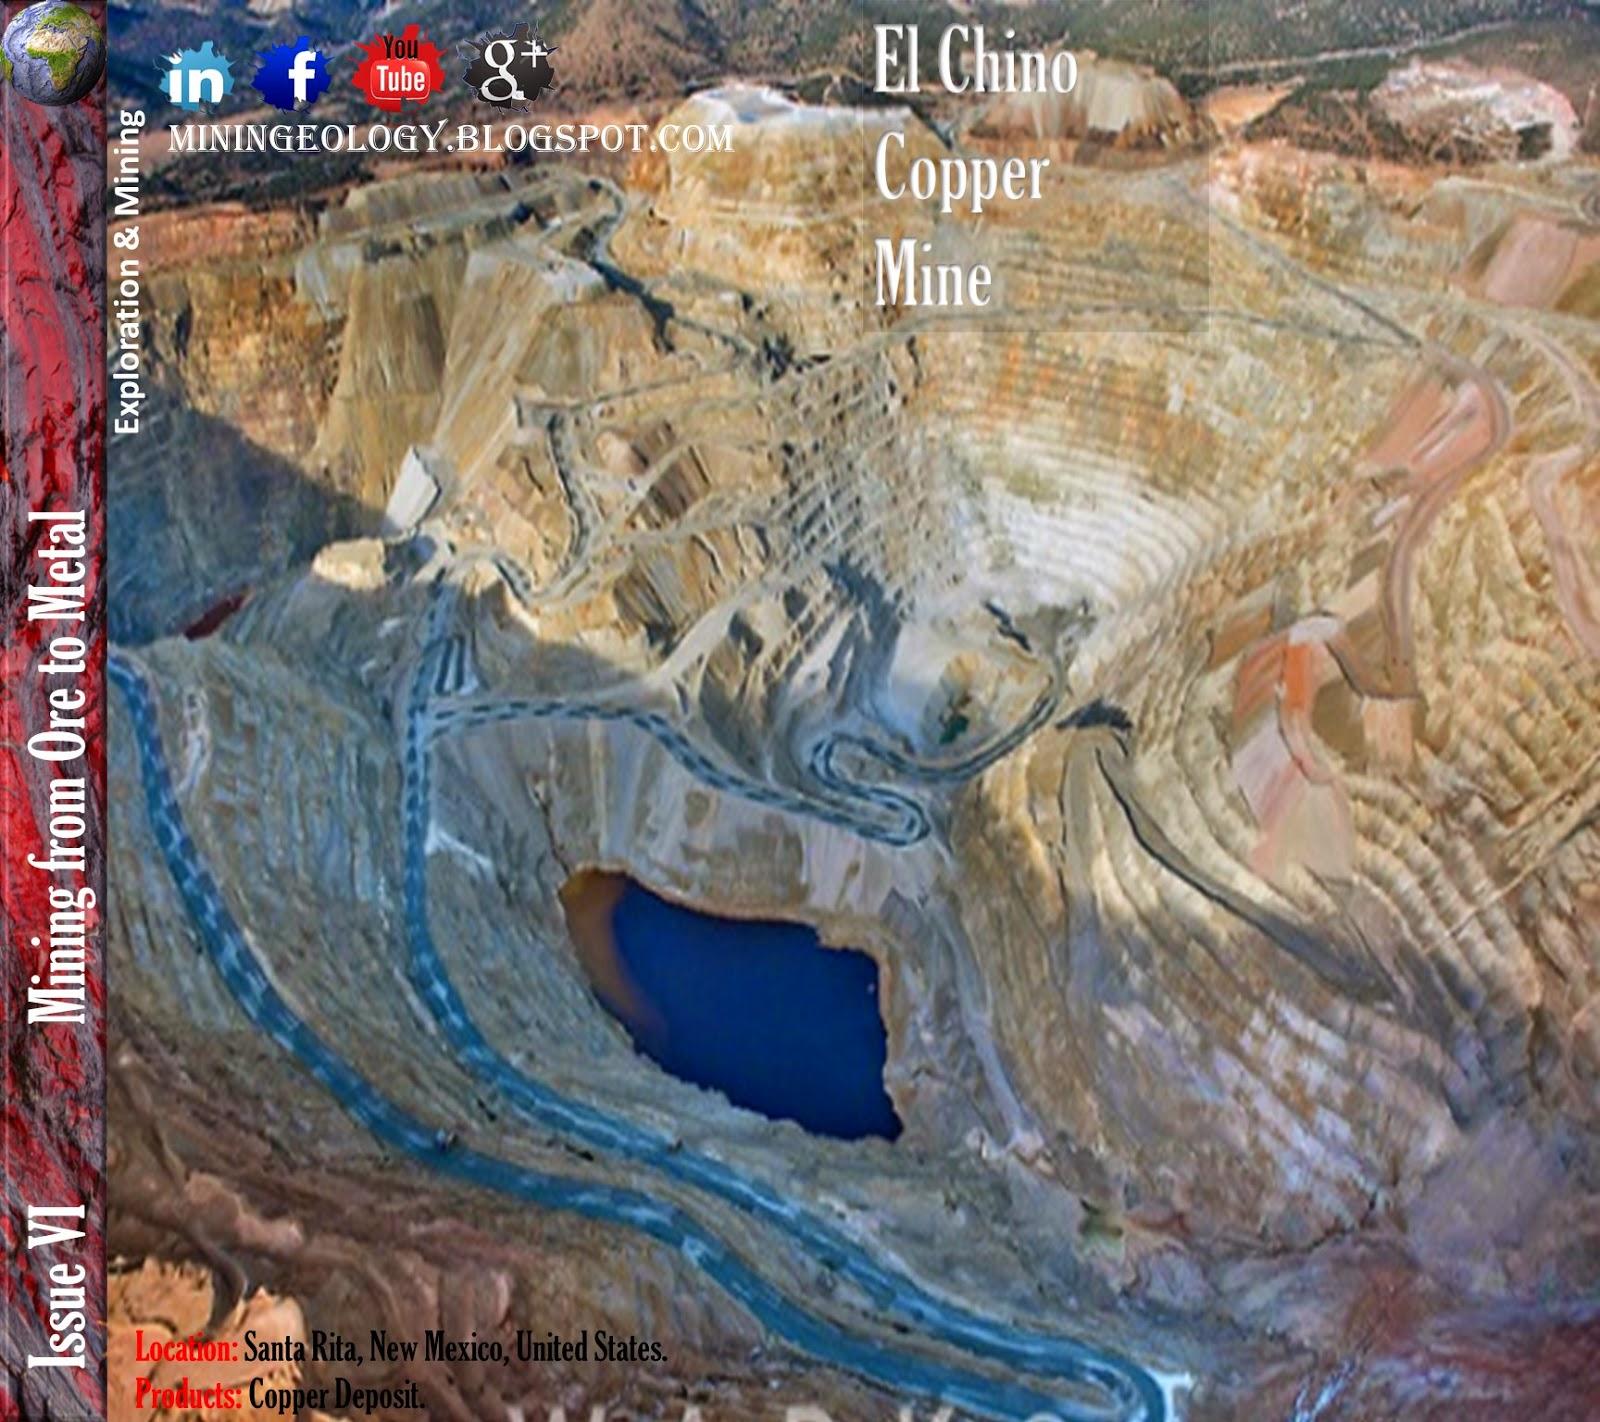 El Chino Copper Mine